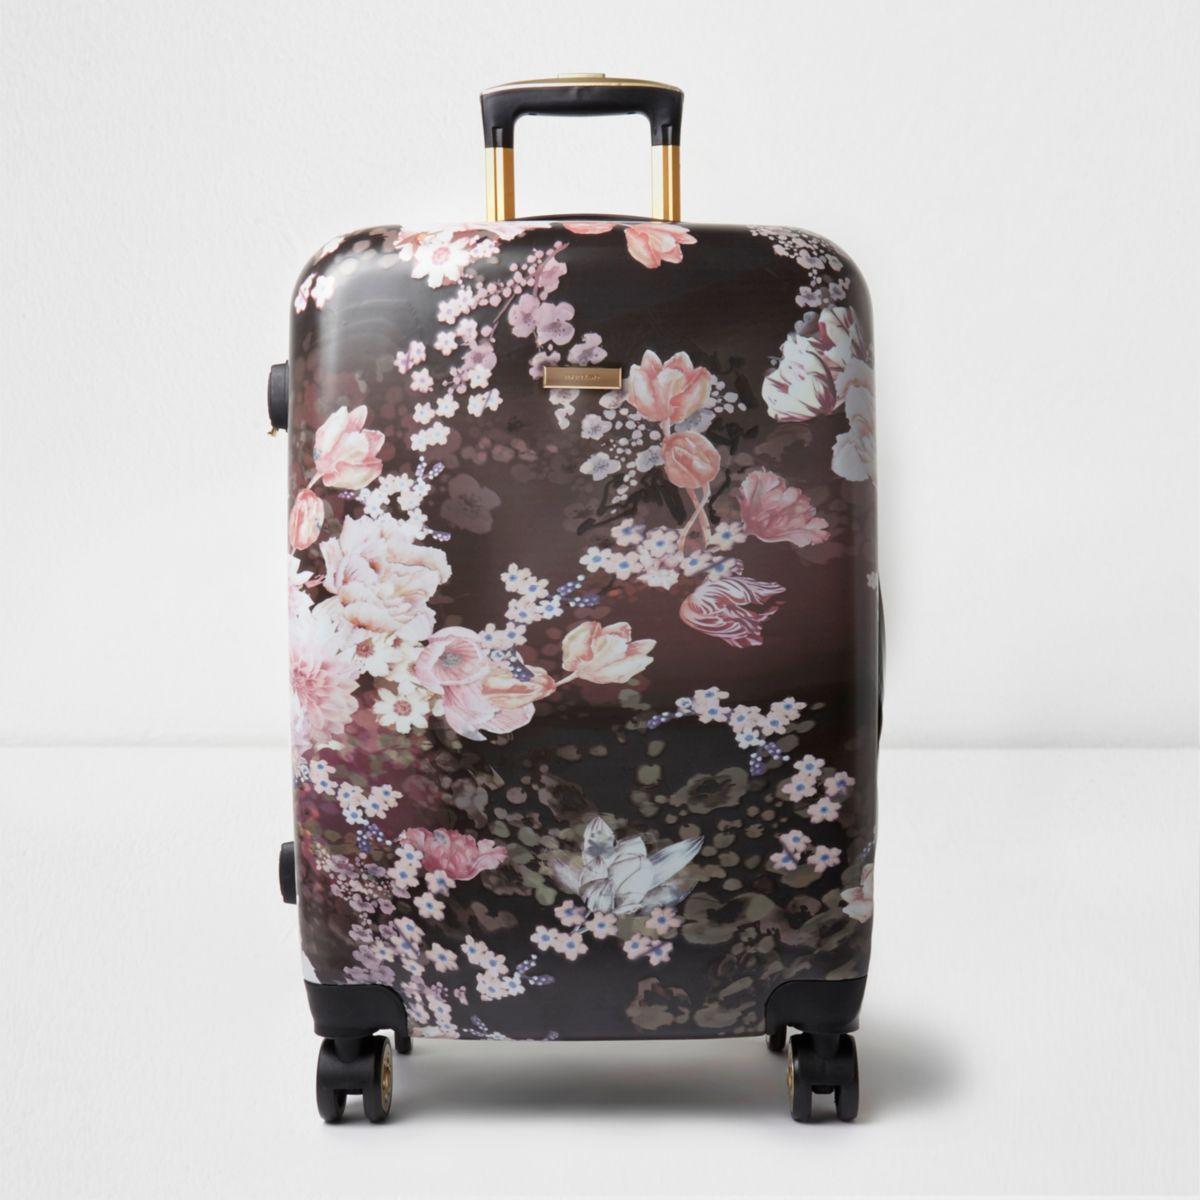 Valise rigide noire à fleurs